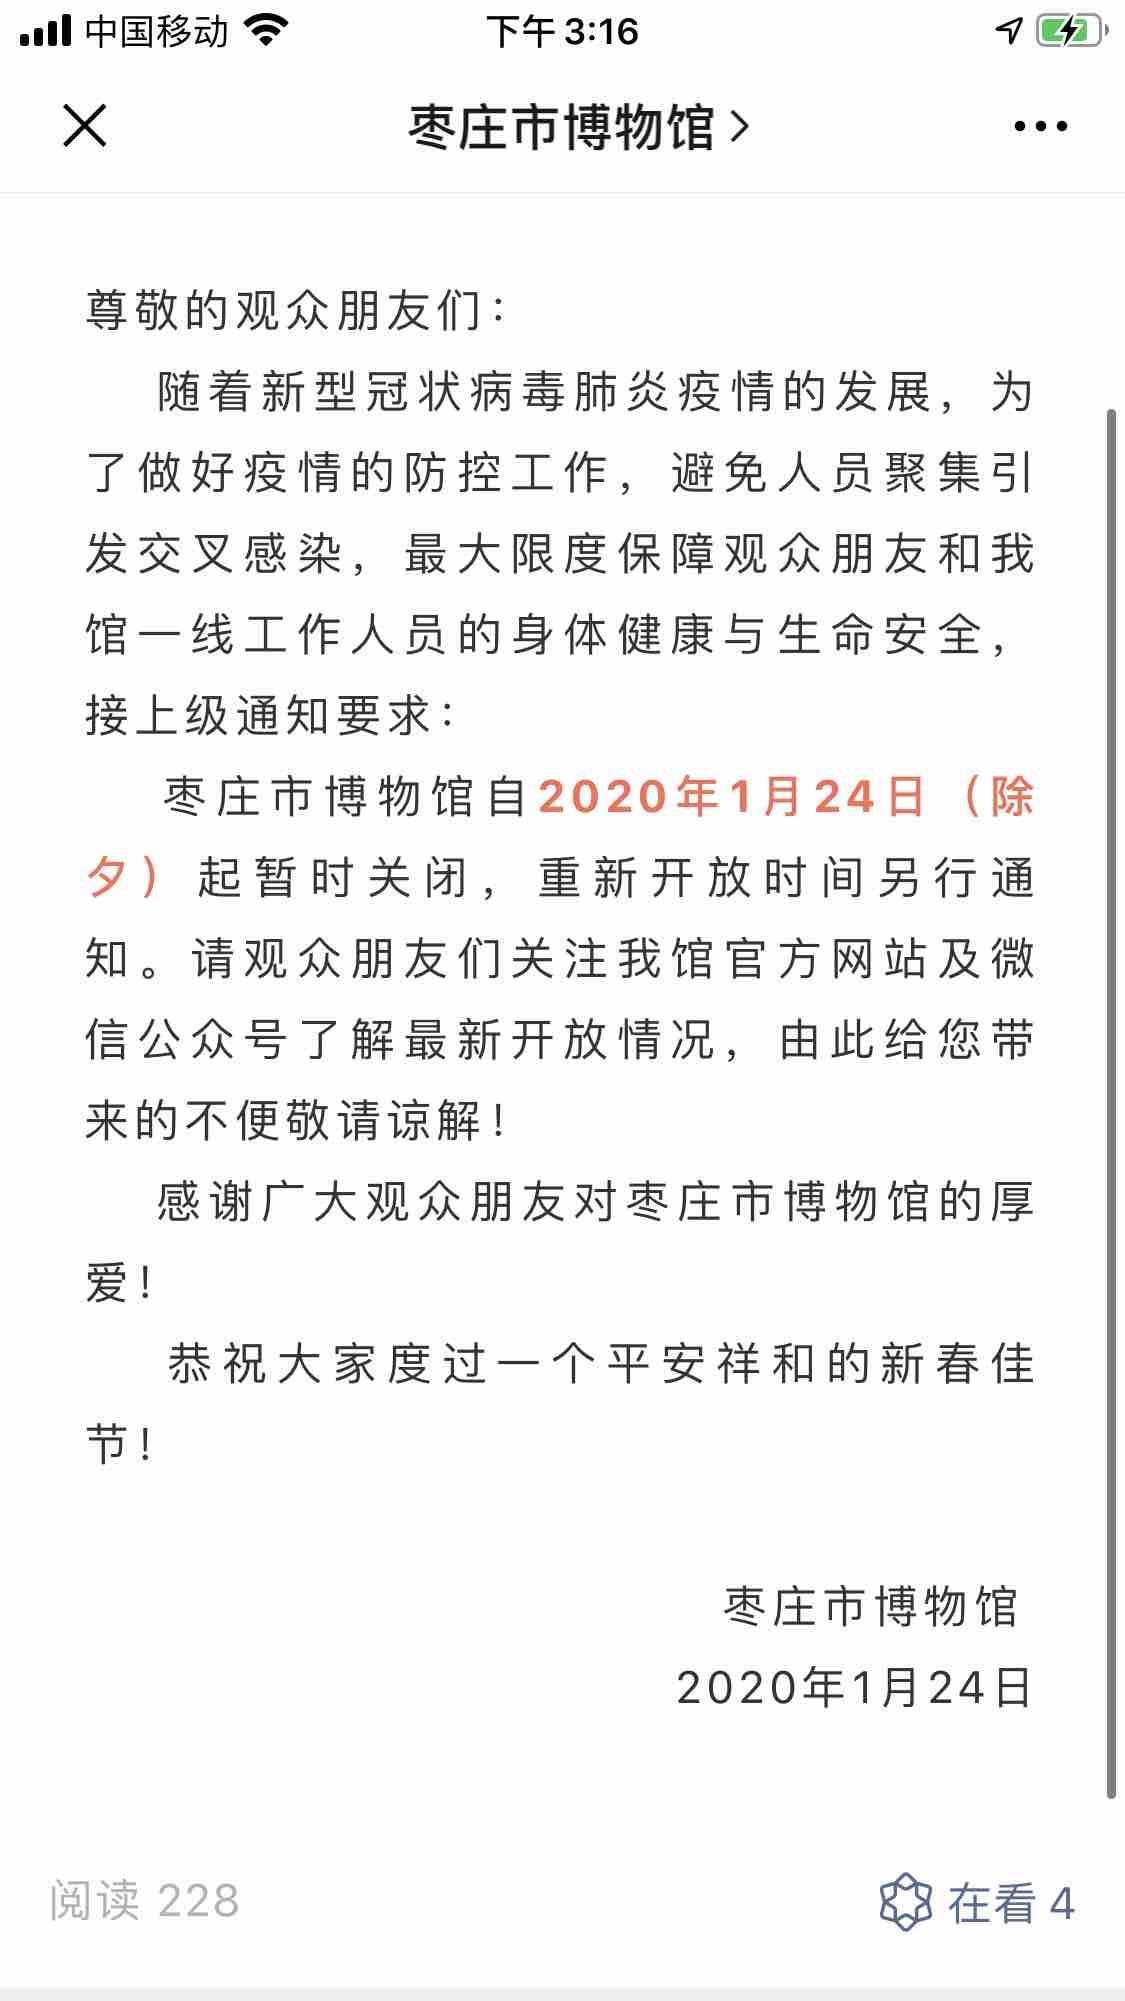 枣庄市博物馆暂停开放